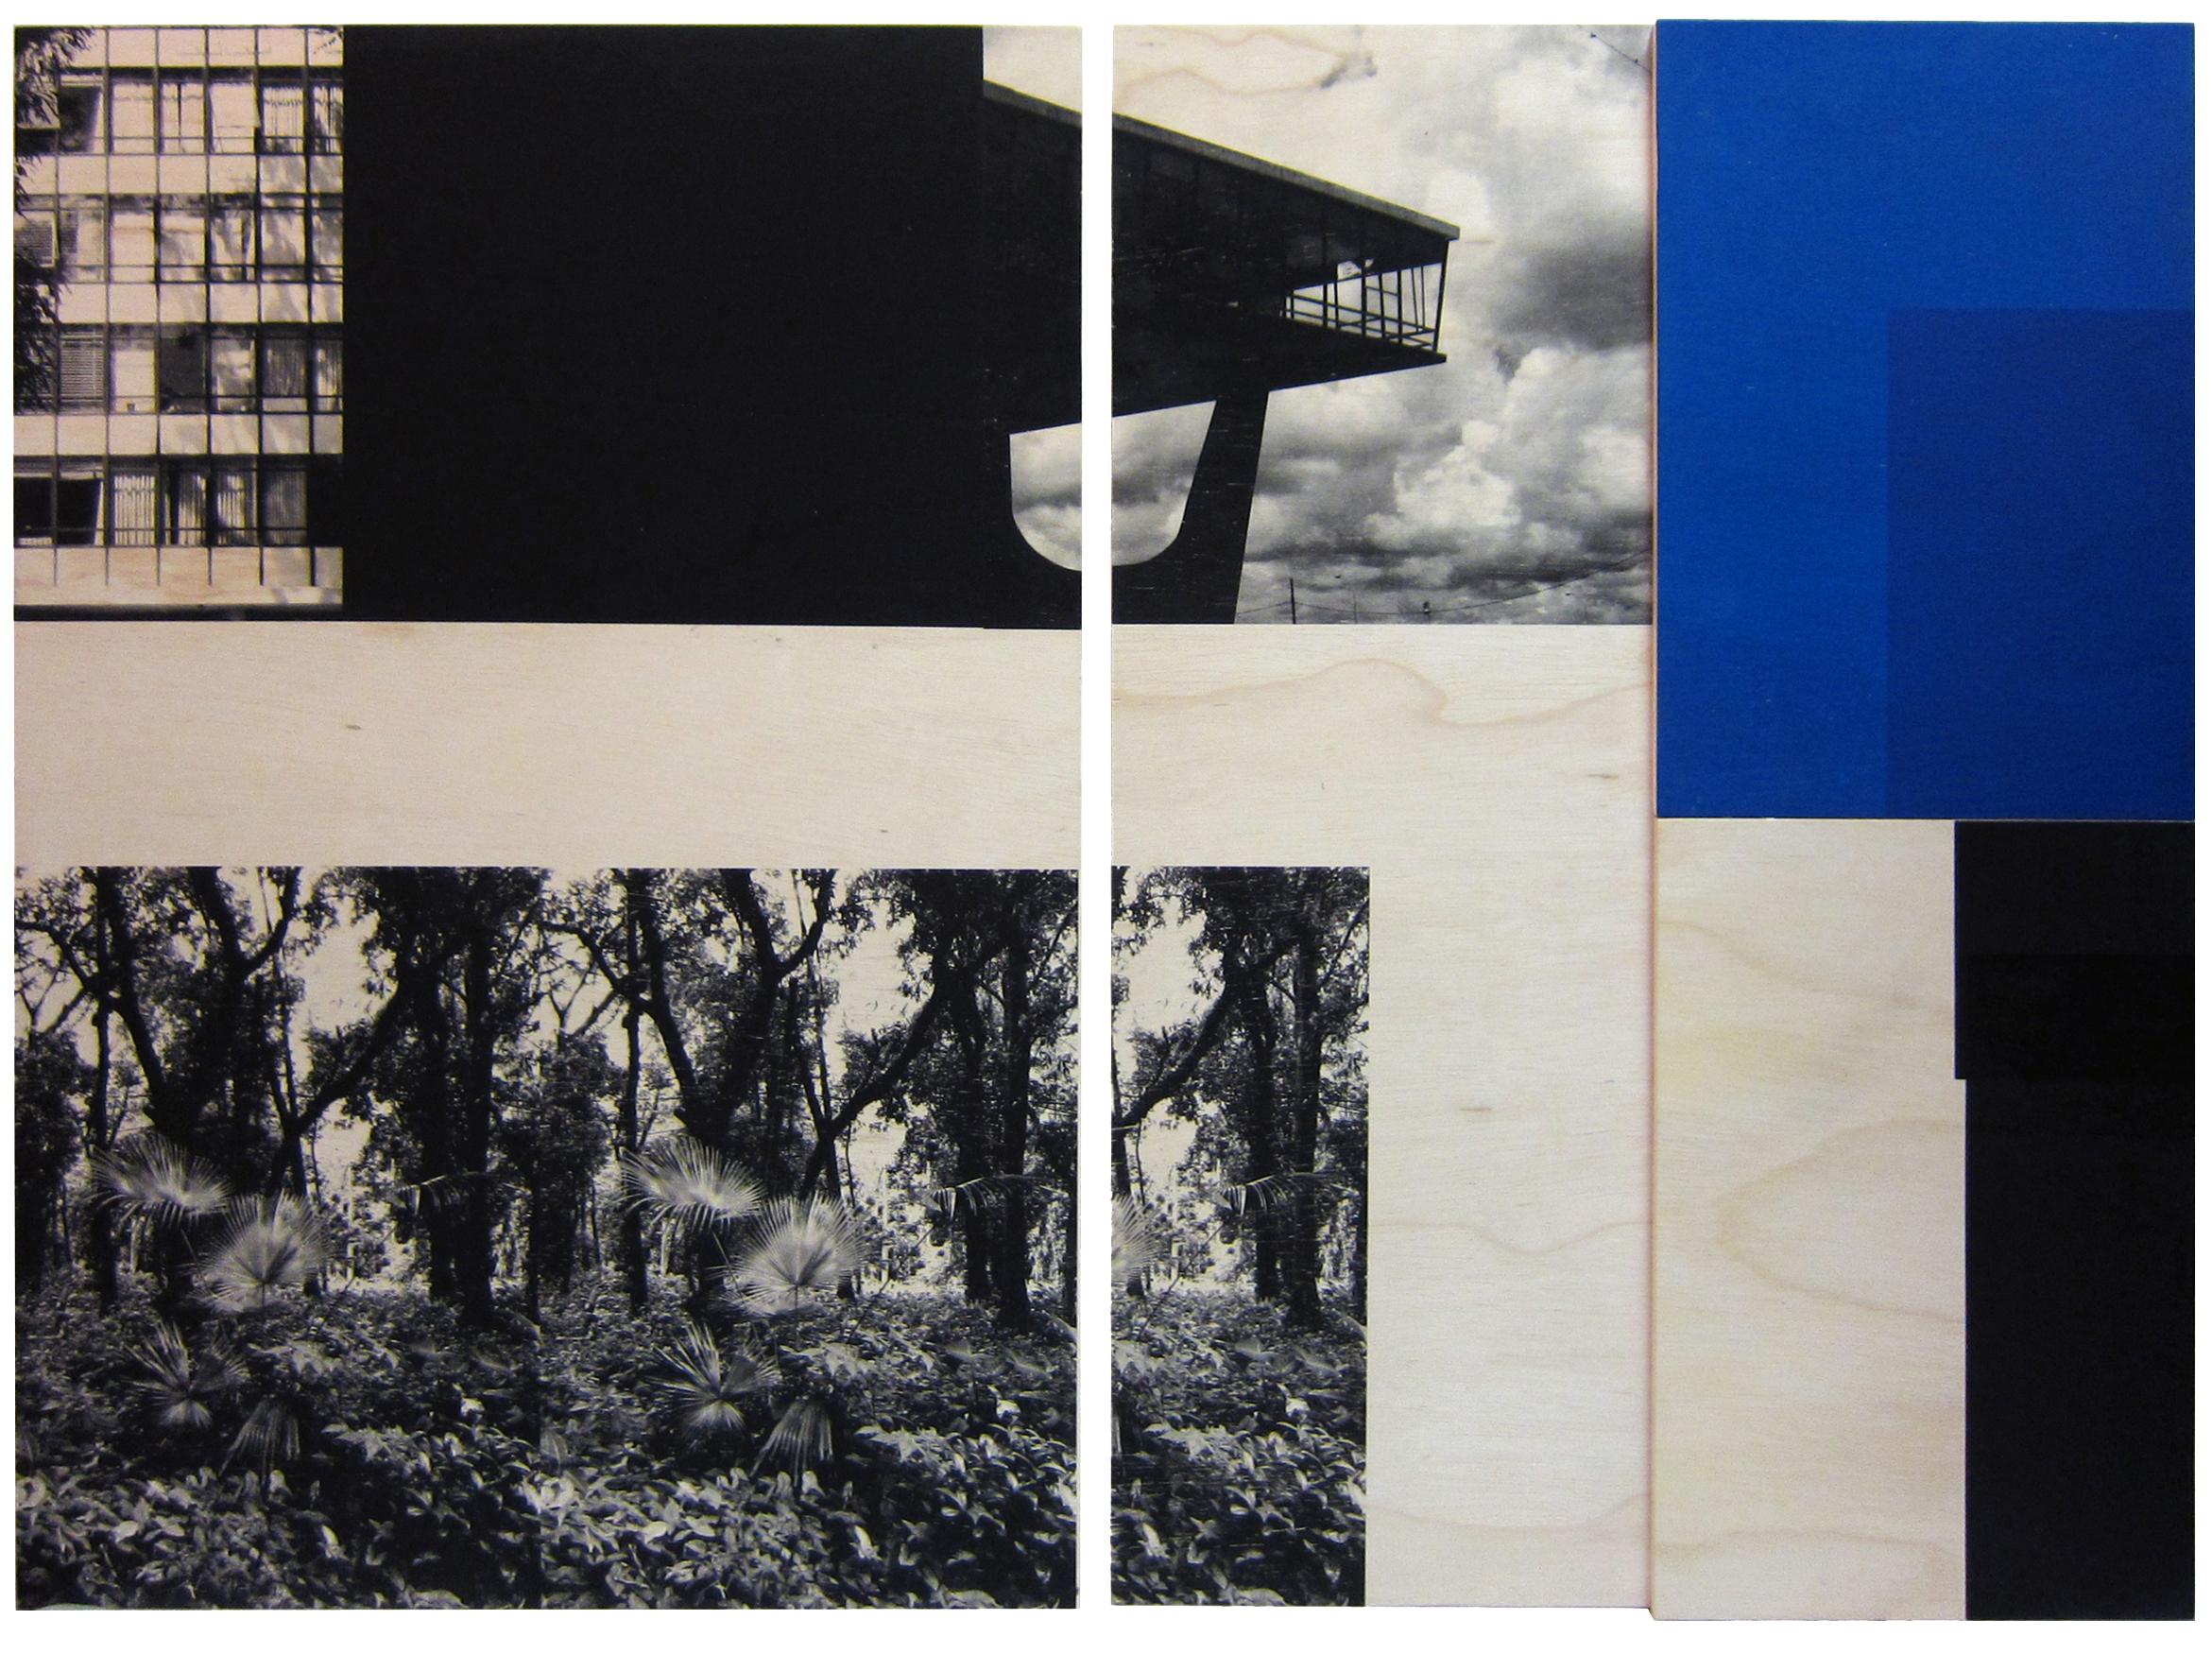 Laercio Redondo, Lembrança de Brasilia (Pamiątka z Brazylii), 2013, z serii Lembrança de Brasilia (Pamiątka z Brazylii), dyptyk: sitodruk, sklejka, fot. dzięki uprzejmości artysty oraz Silvia Cintra+Box 4 Gallery